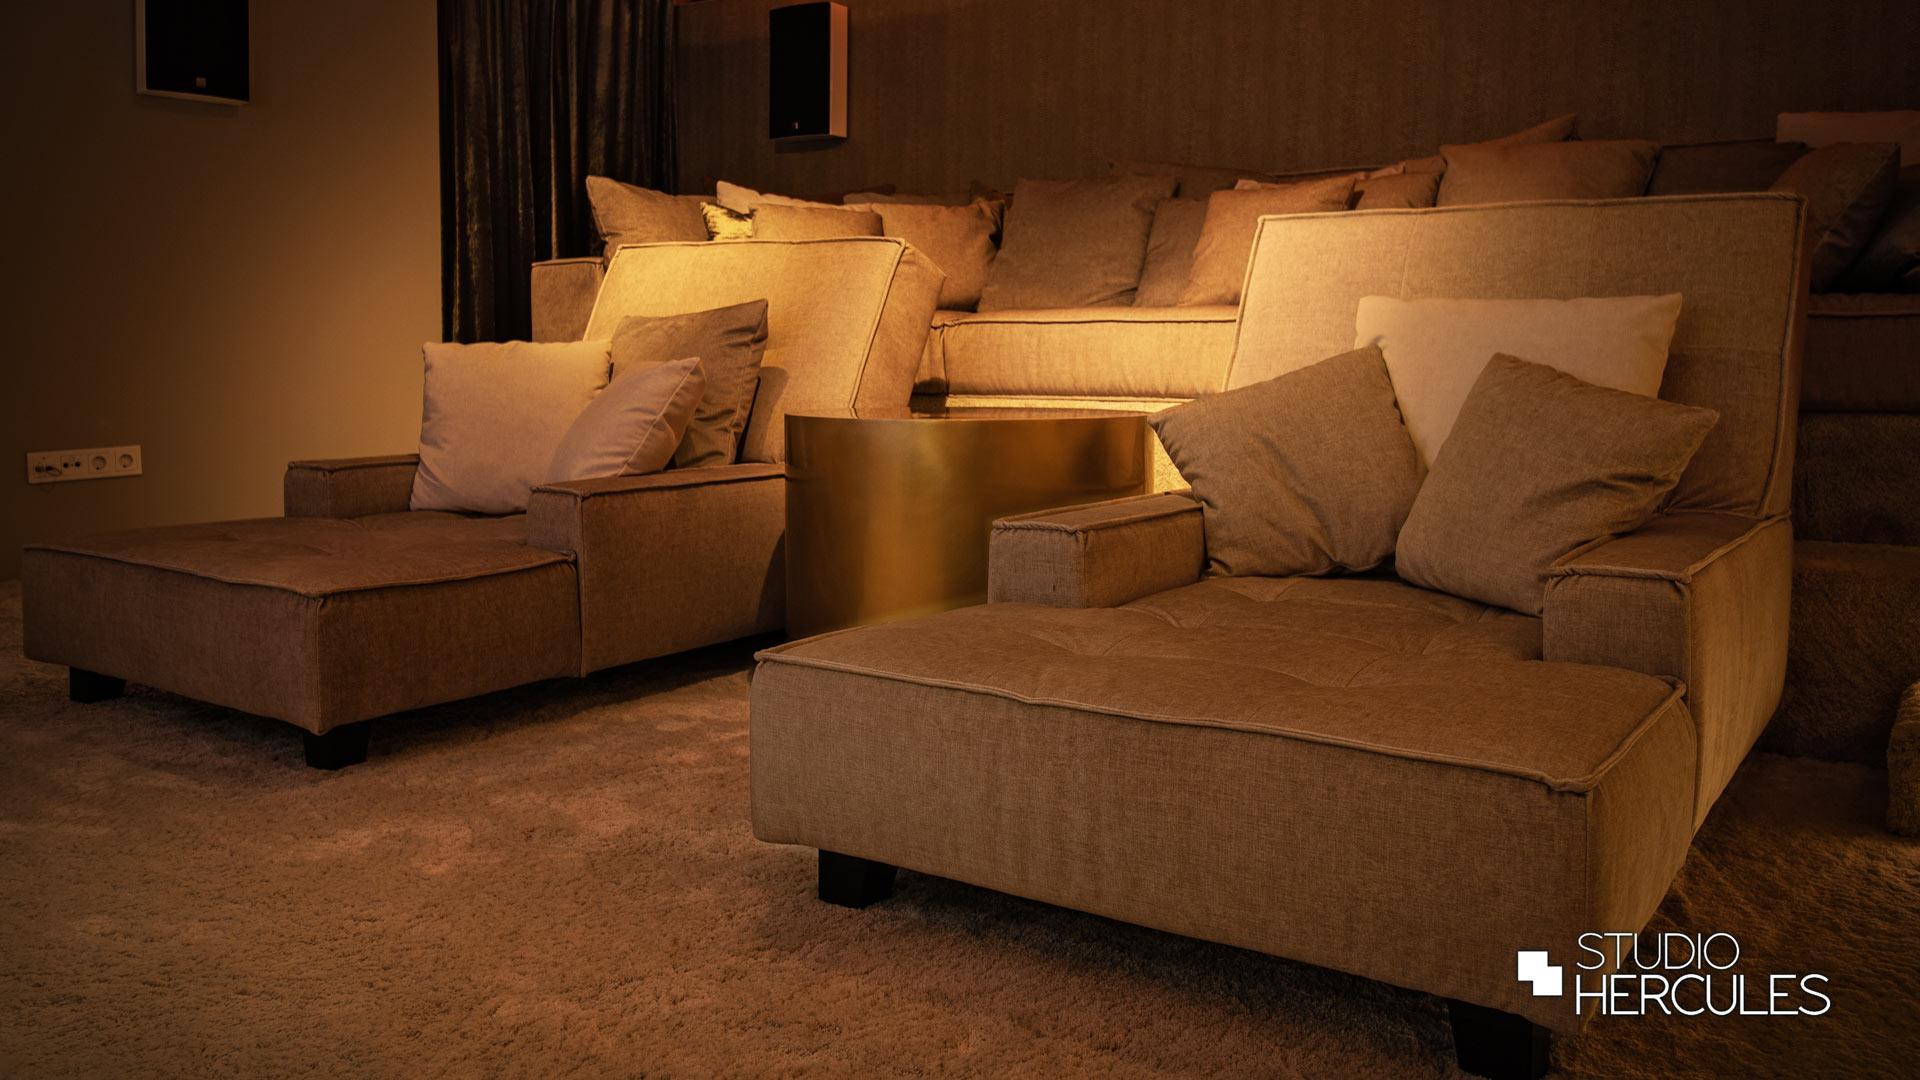 StudioHercules_home_cinema_amsterdam_07